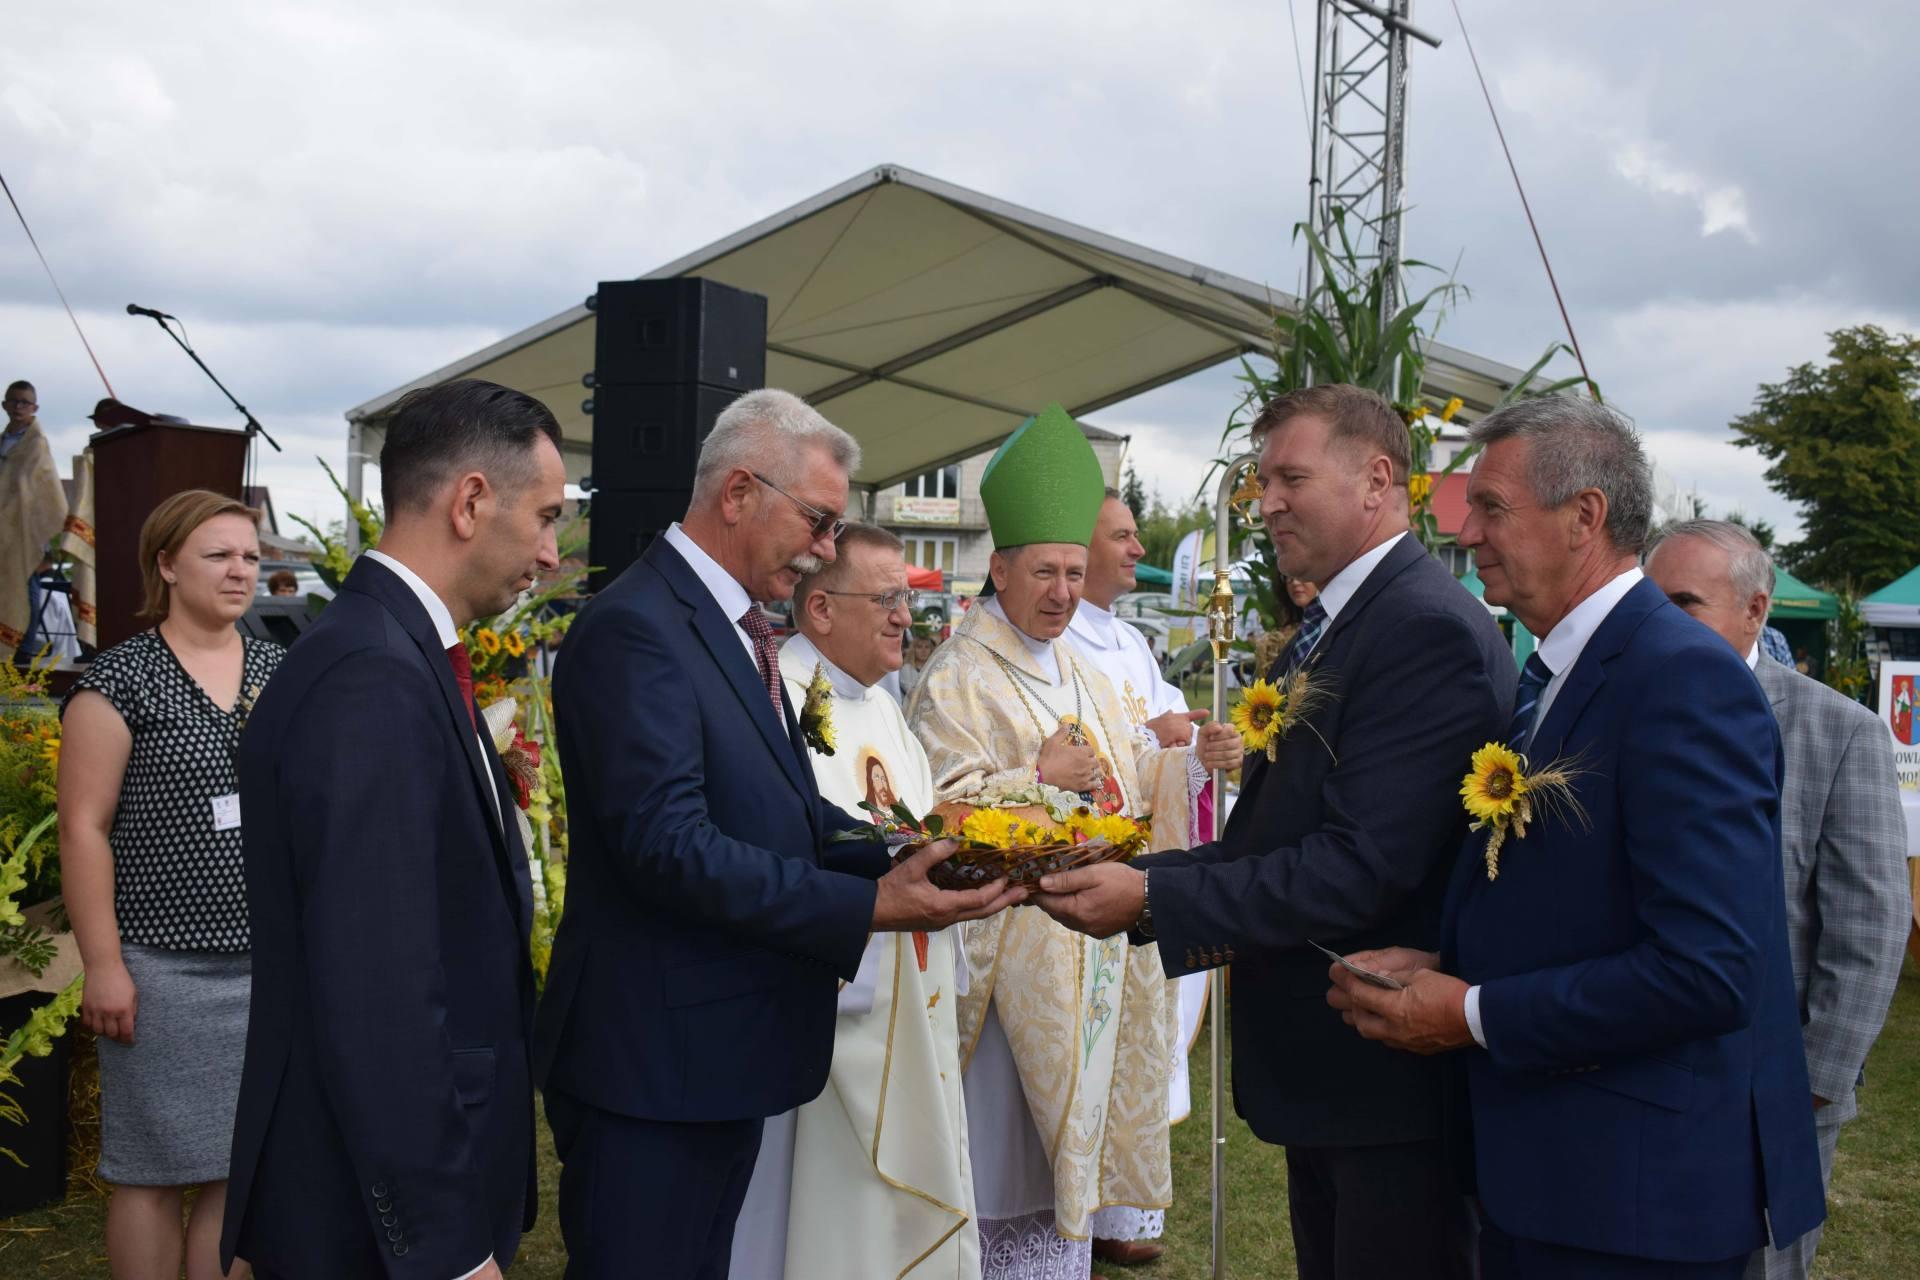 dsc 0168 23 sierpnia odbyły się Dożynki Powiatowo-Gminne w Łabuniach. Publikujemy zdjęcia